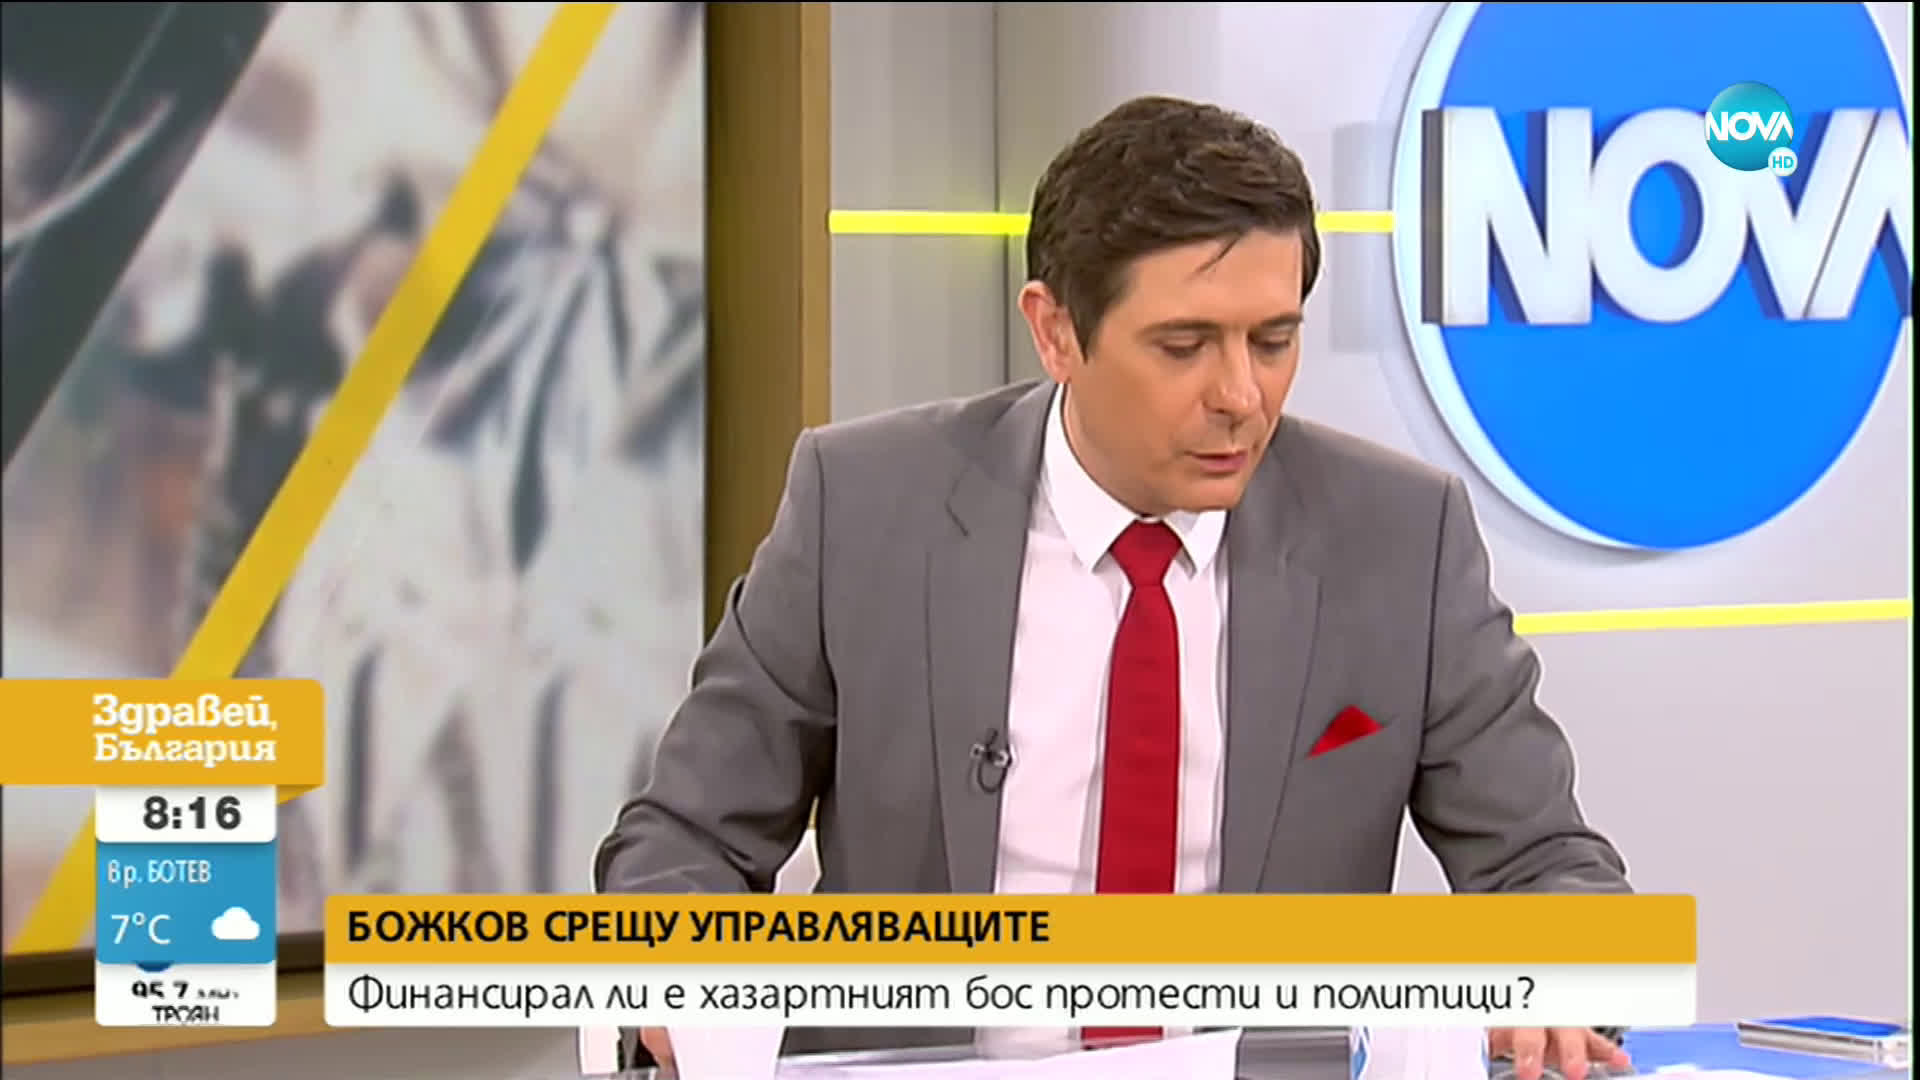 Томислав Дончев: Не трябва земеделският министър да подава оставка